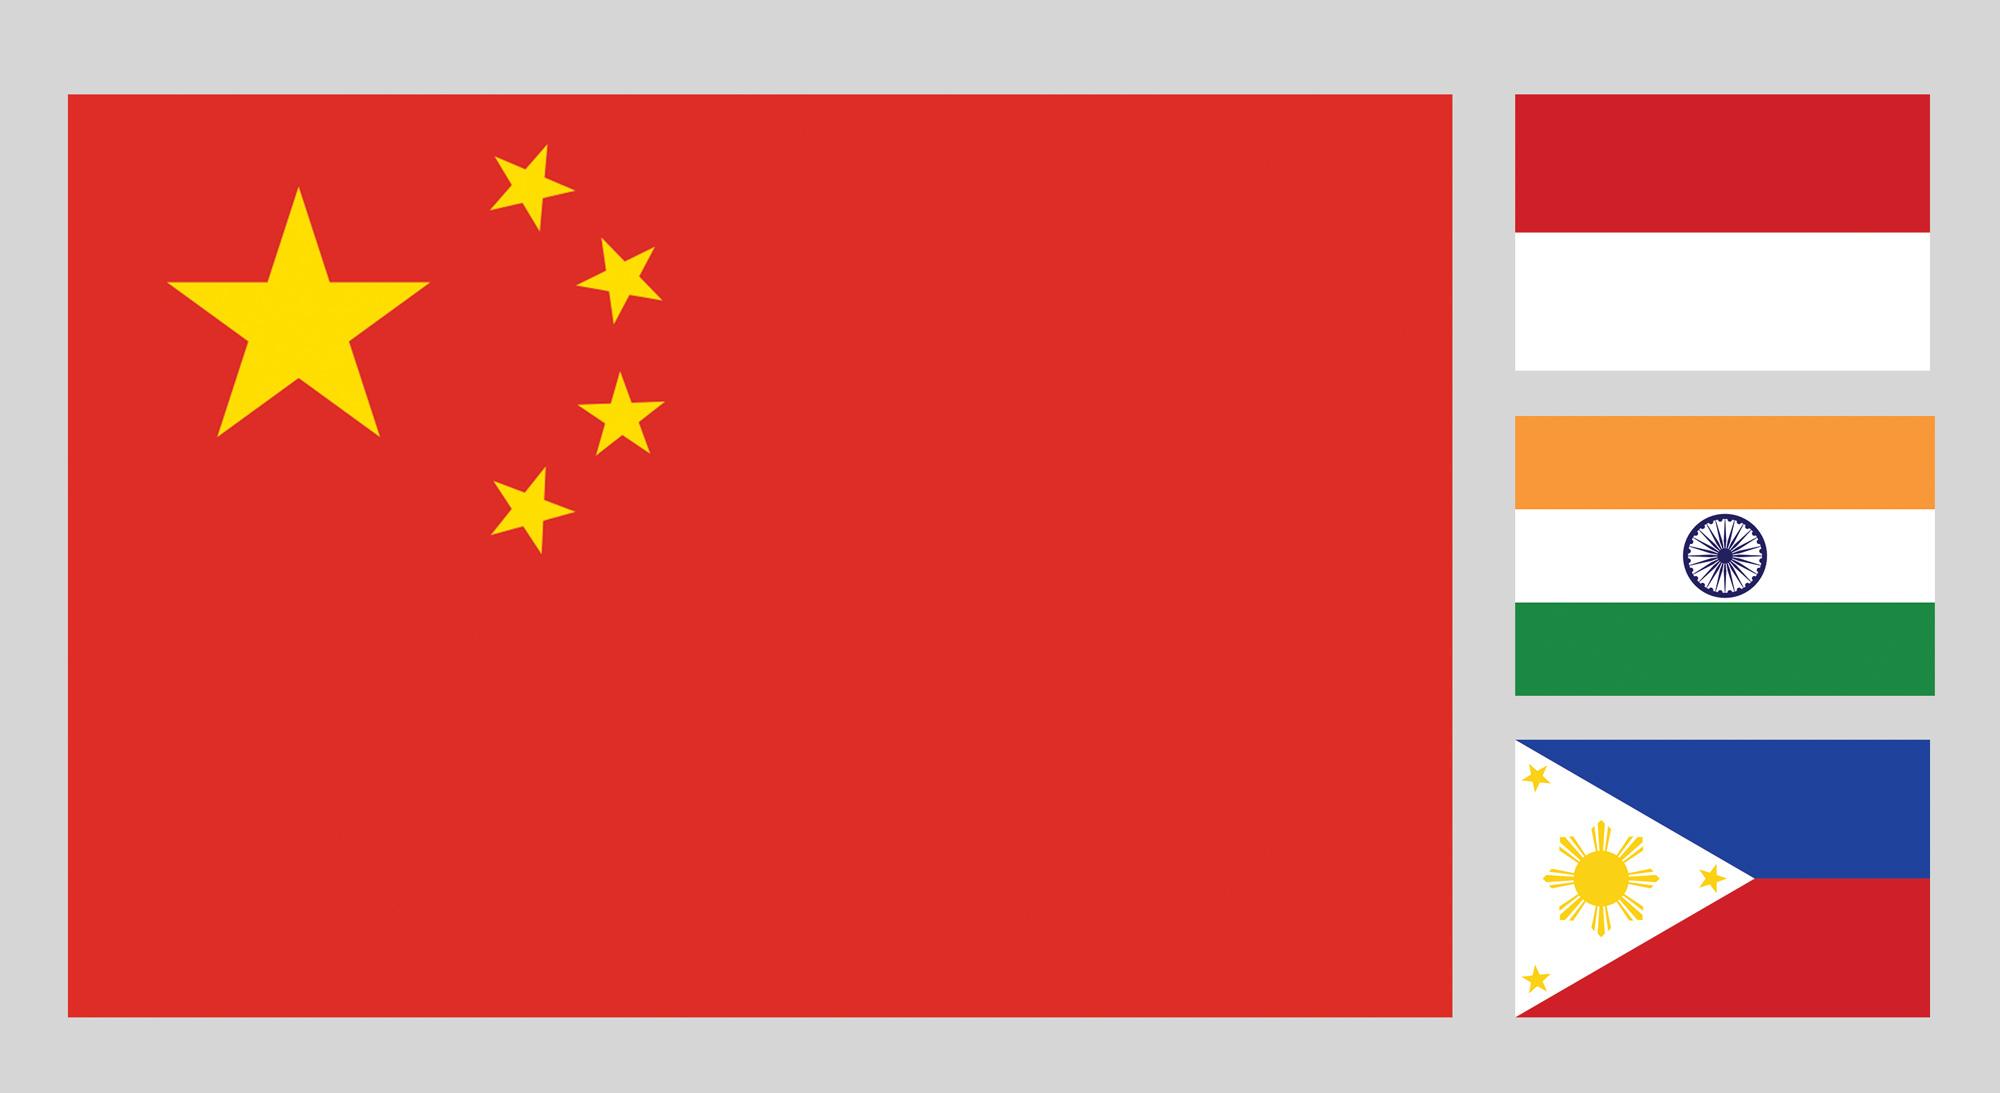 Bandiere oriente